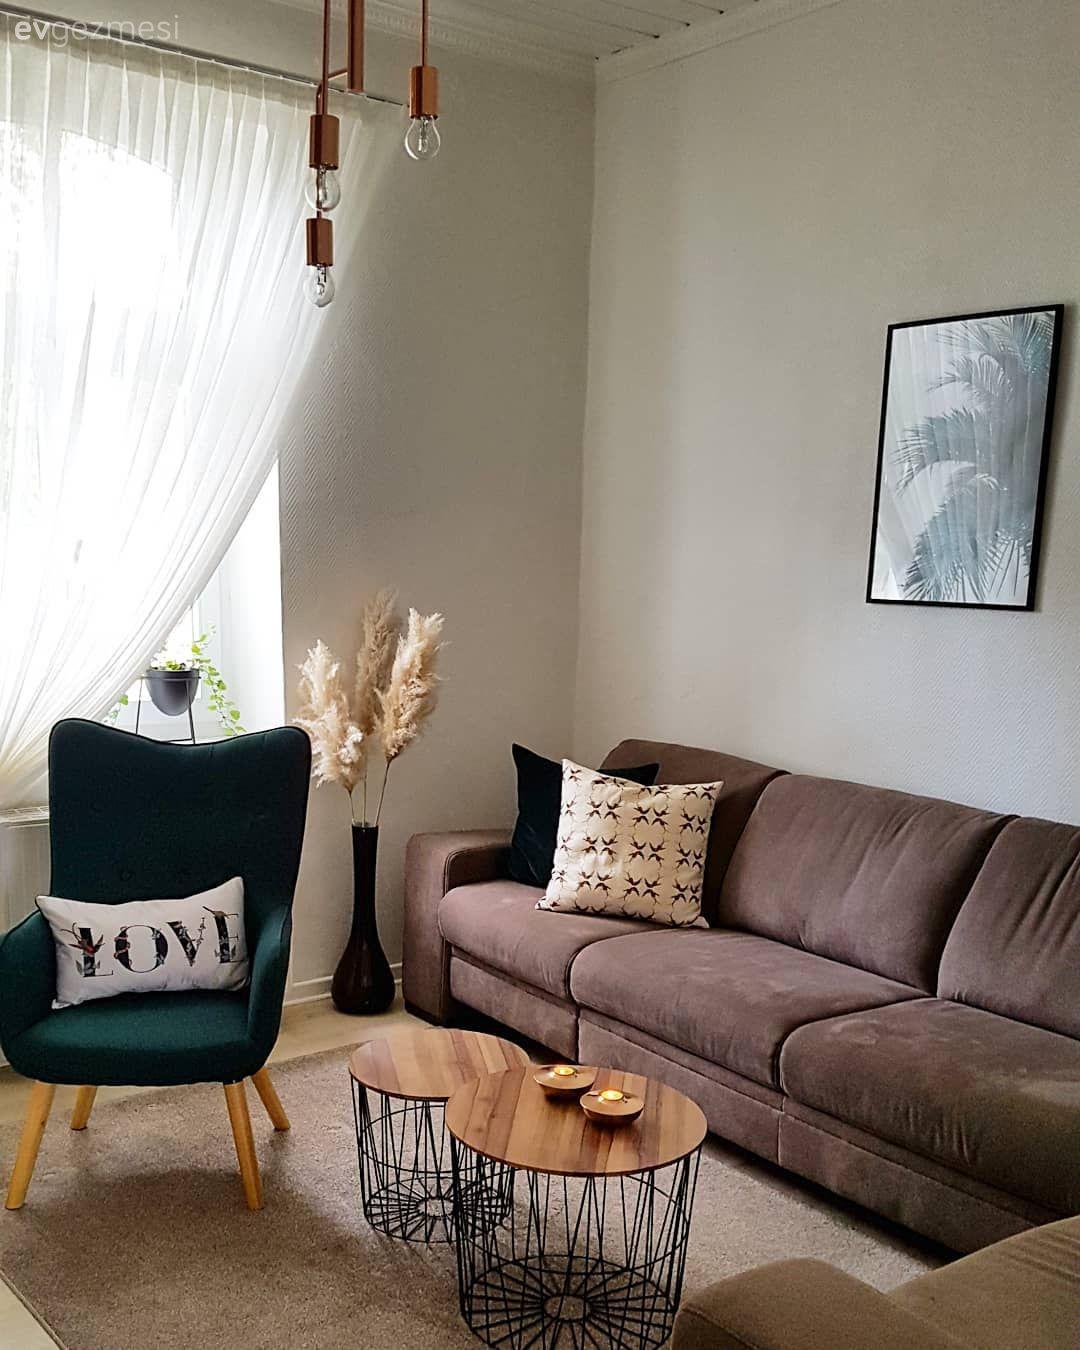 Bu Evin Sıcak ve Samimi Stili Uyumlu Aksesuarlarla Zenginleşiyor - 11   Ev  Gezmesi